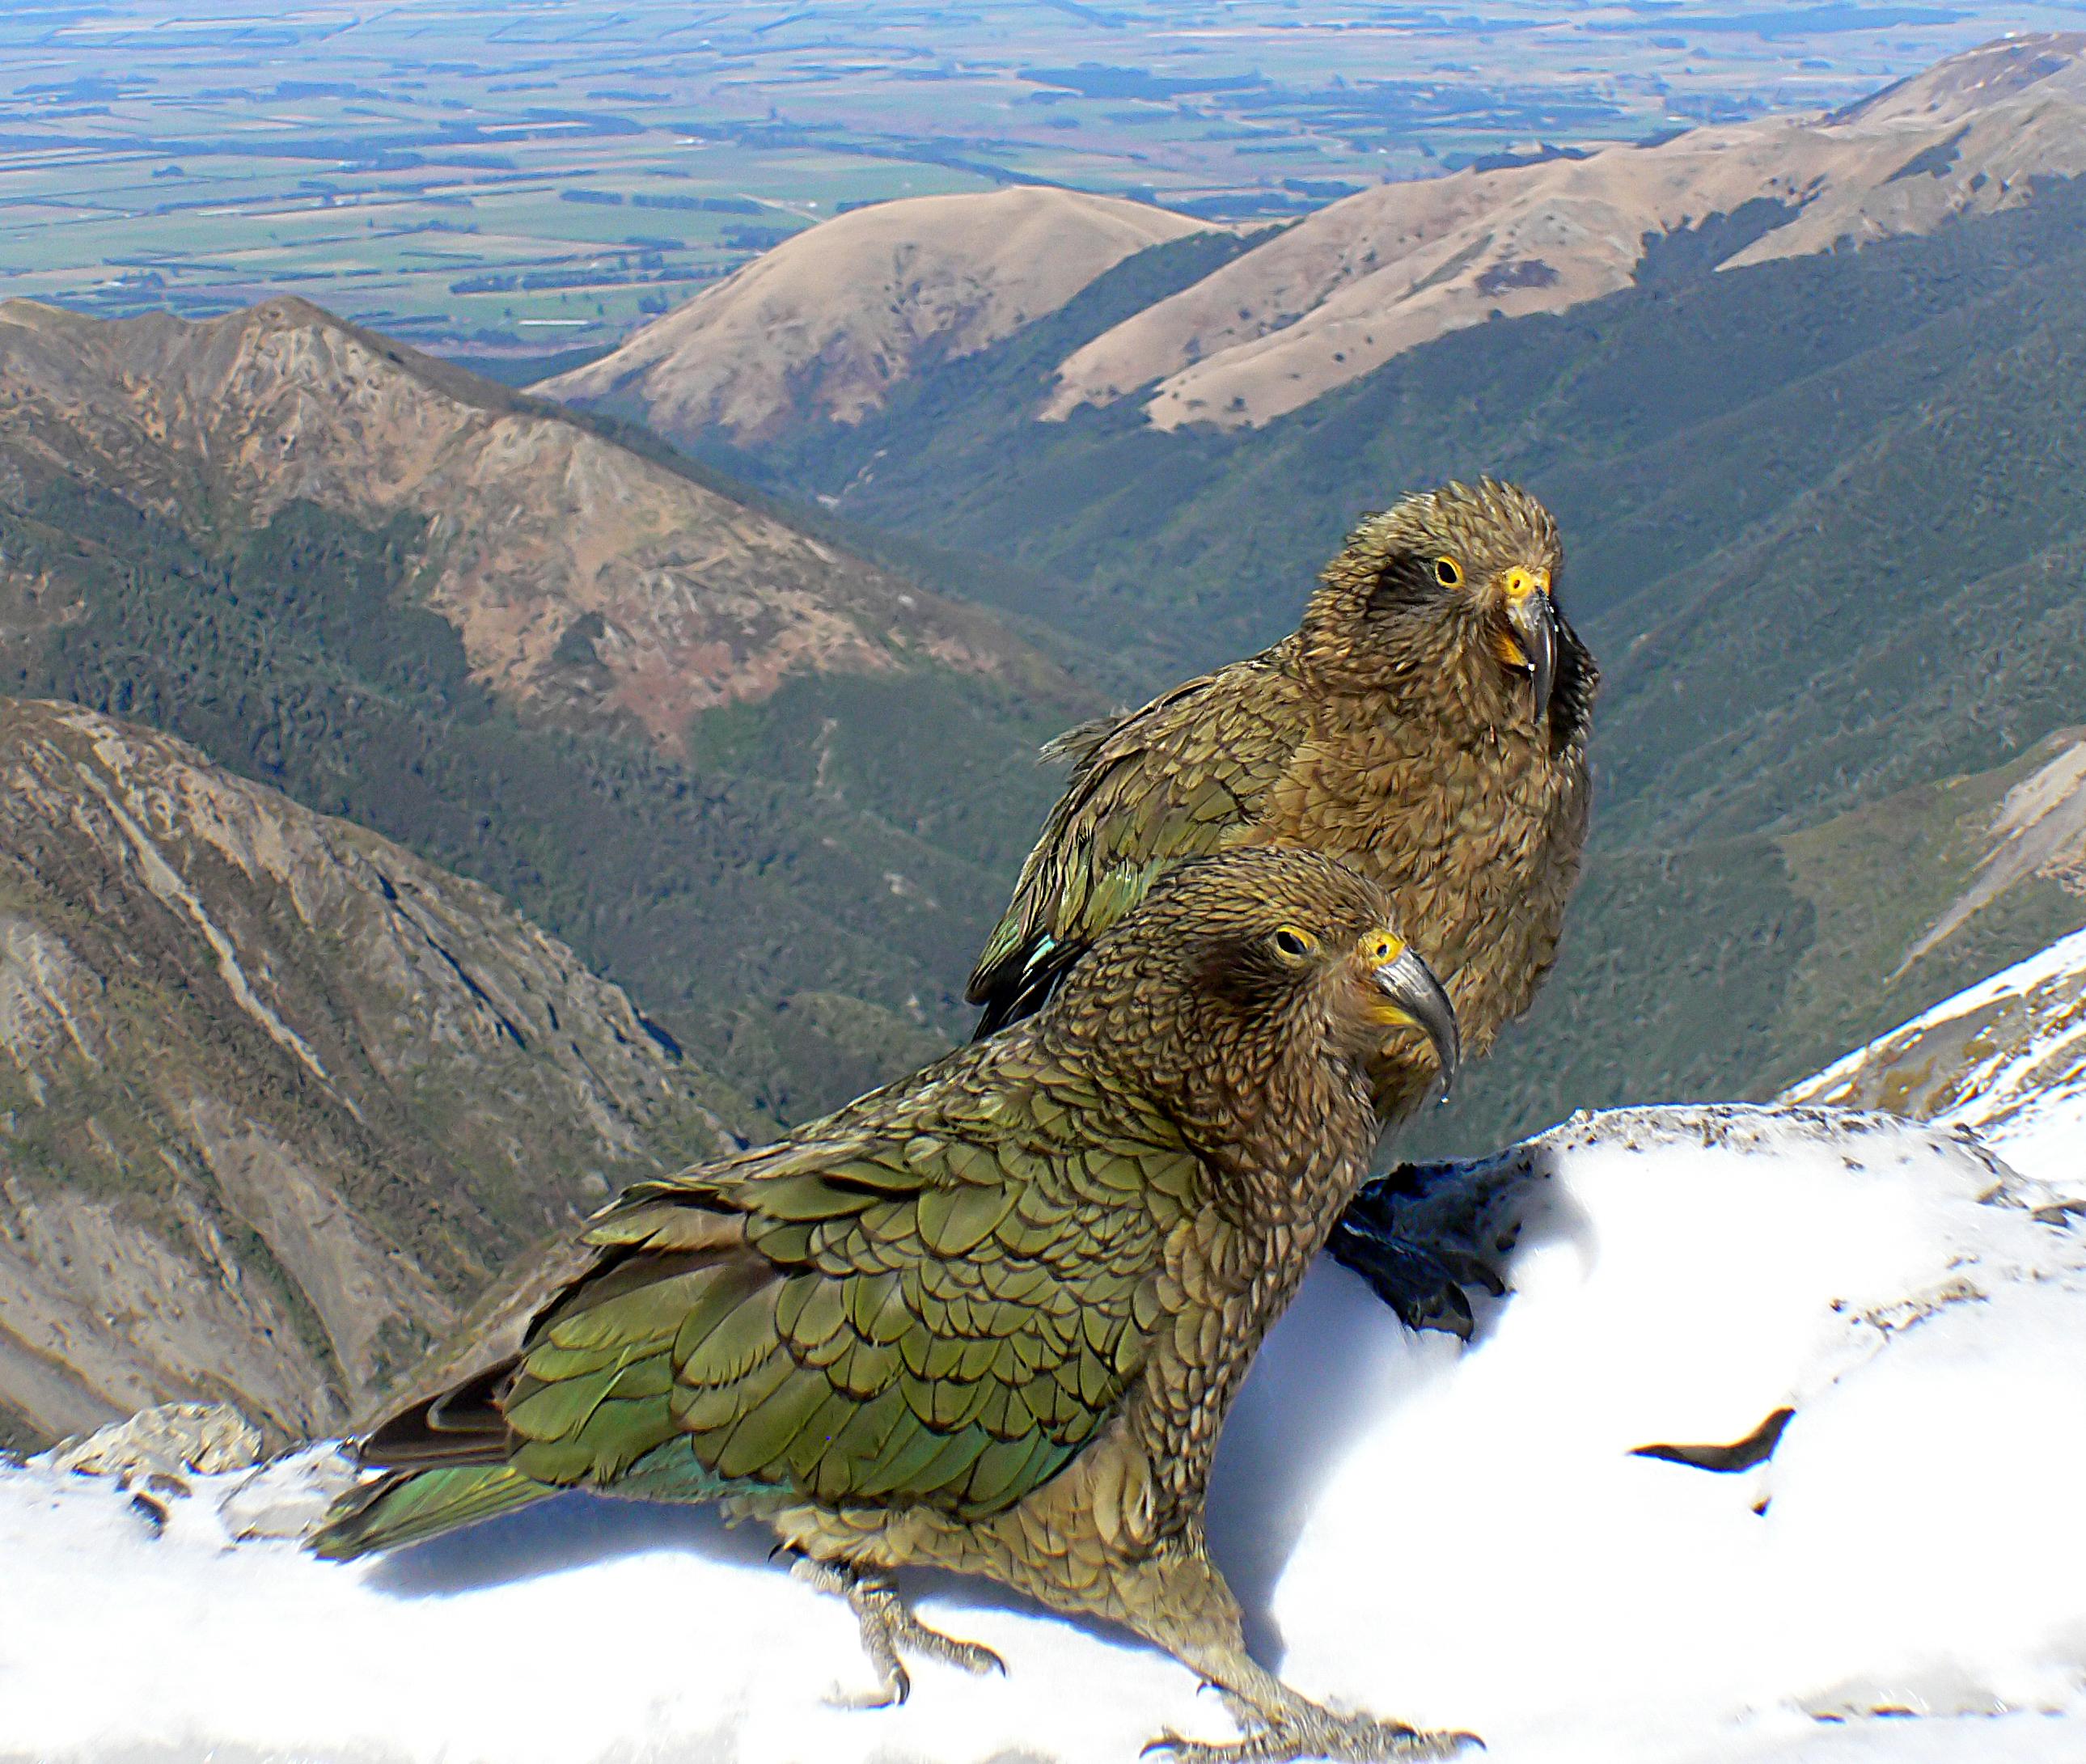 kostenlose foto berg vogel gebirge tierwelt fauna raubvogel wirbeltier papagei. Black Bedroom Furniture Sets. Home Design Ideas